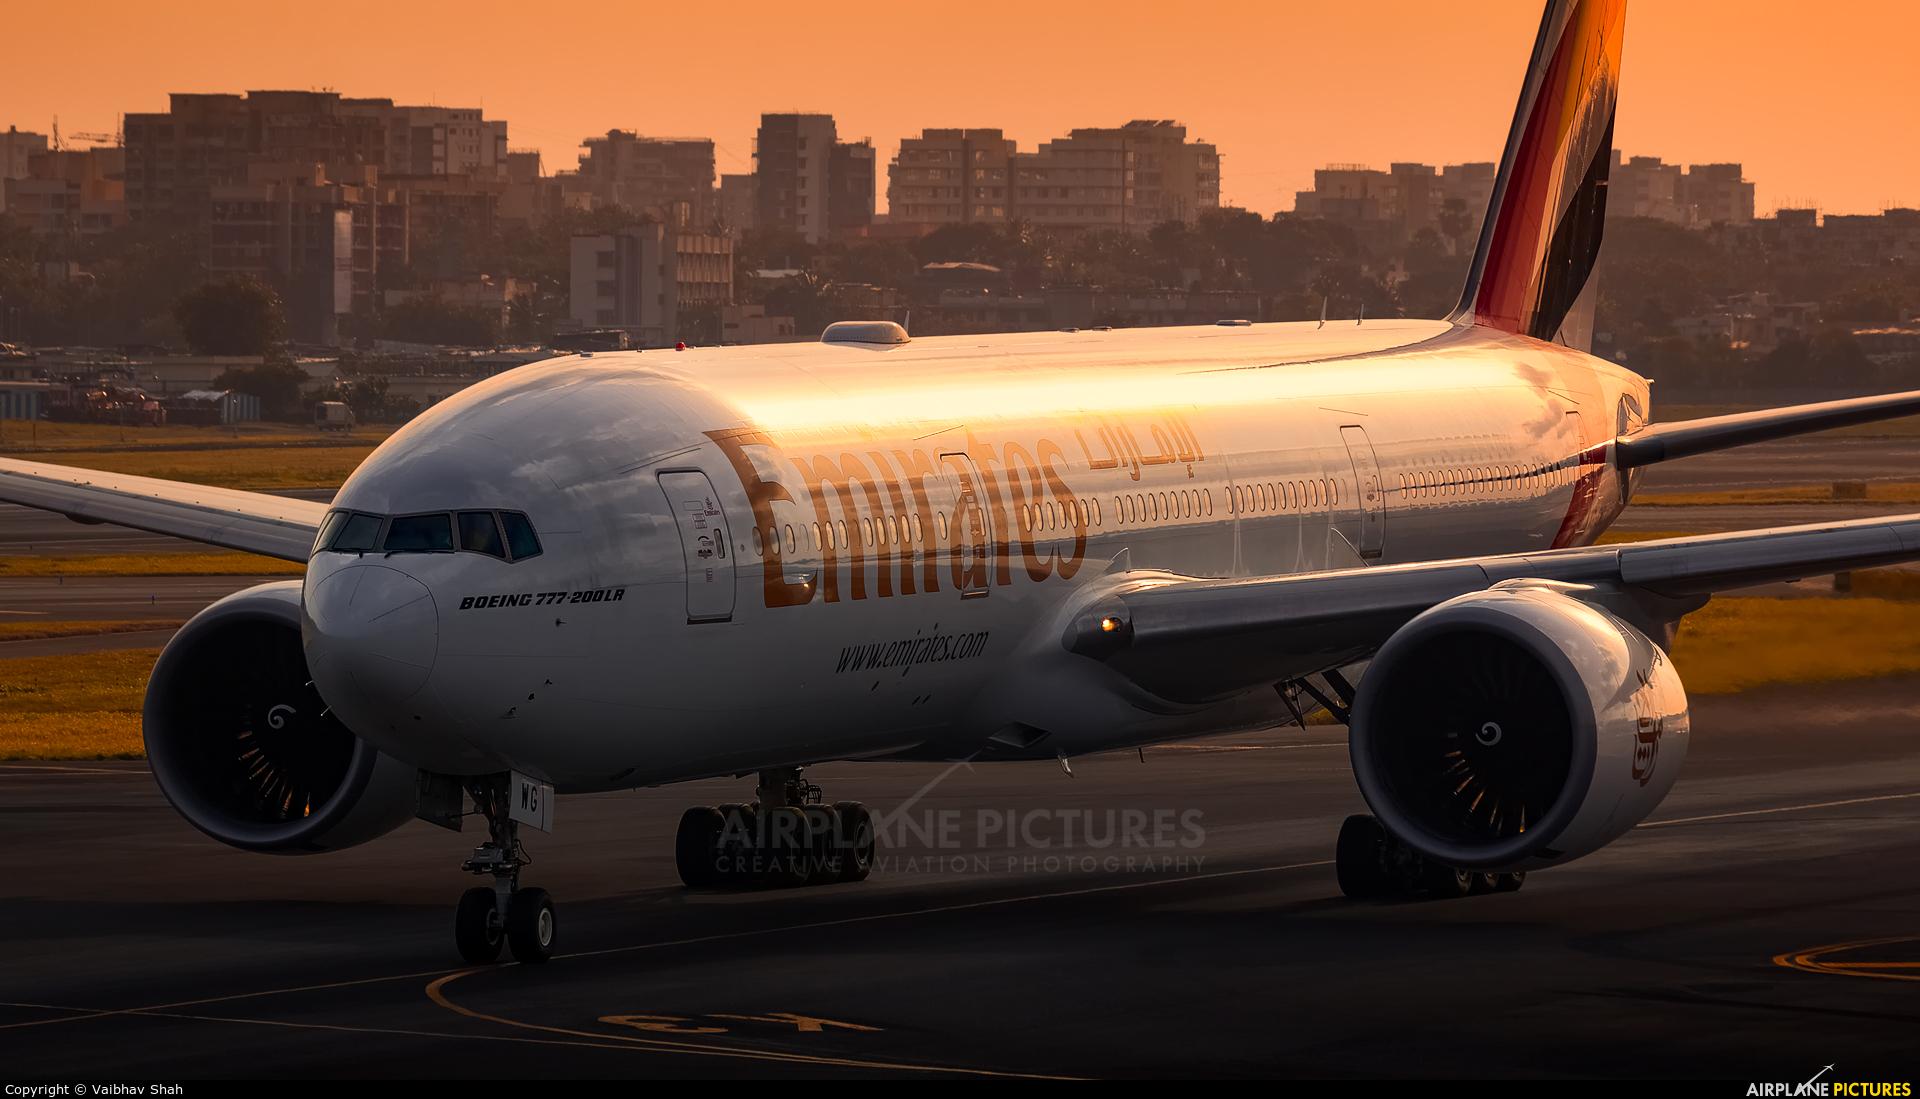 Emirates Airlines A6-EWG aircraft at Mumbai - Chhatrapati Shivaji Intl